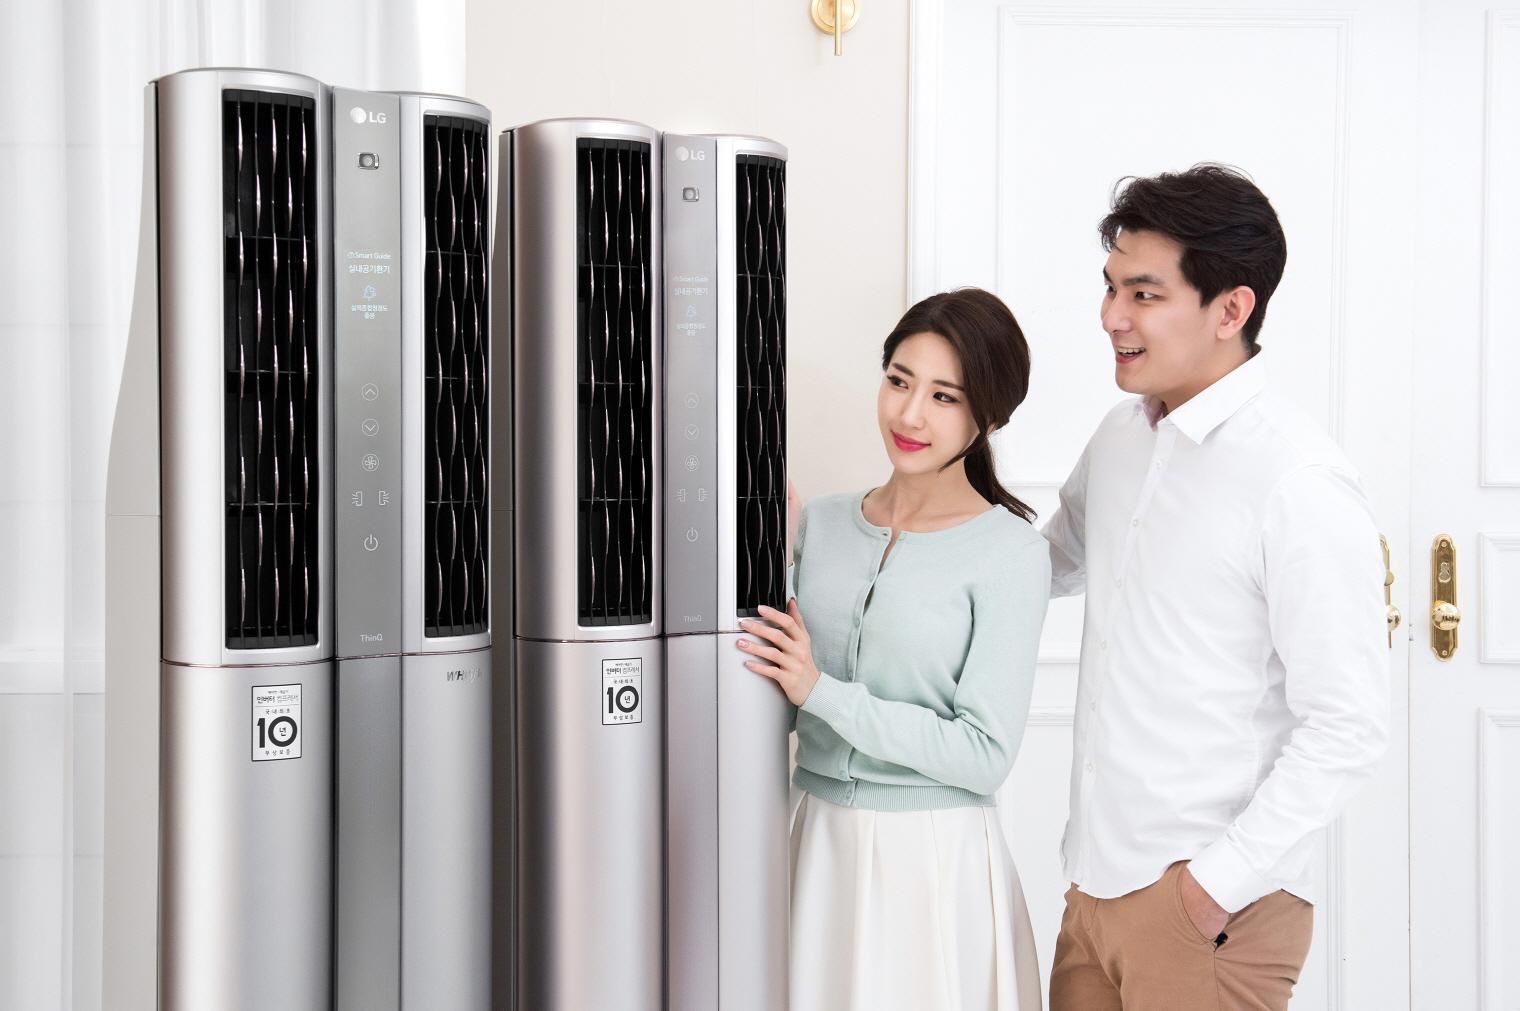 """17일 LG전자가 'LG 휘센 씽큐 에어컨'을 비롯한 2019년형 에어컨 신제품을 대거 출시한다. '교감형 인공지능'을 탑재한 신제품이 """"실외 종합청정도가 좋음 상태입니다. 환기하셔도 좋습니다""""라고 유용한 정보를 알아서 음성으로 먼저 알려주는 모습."""